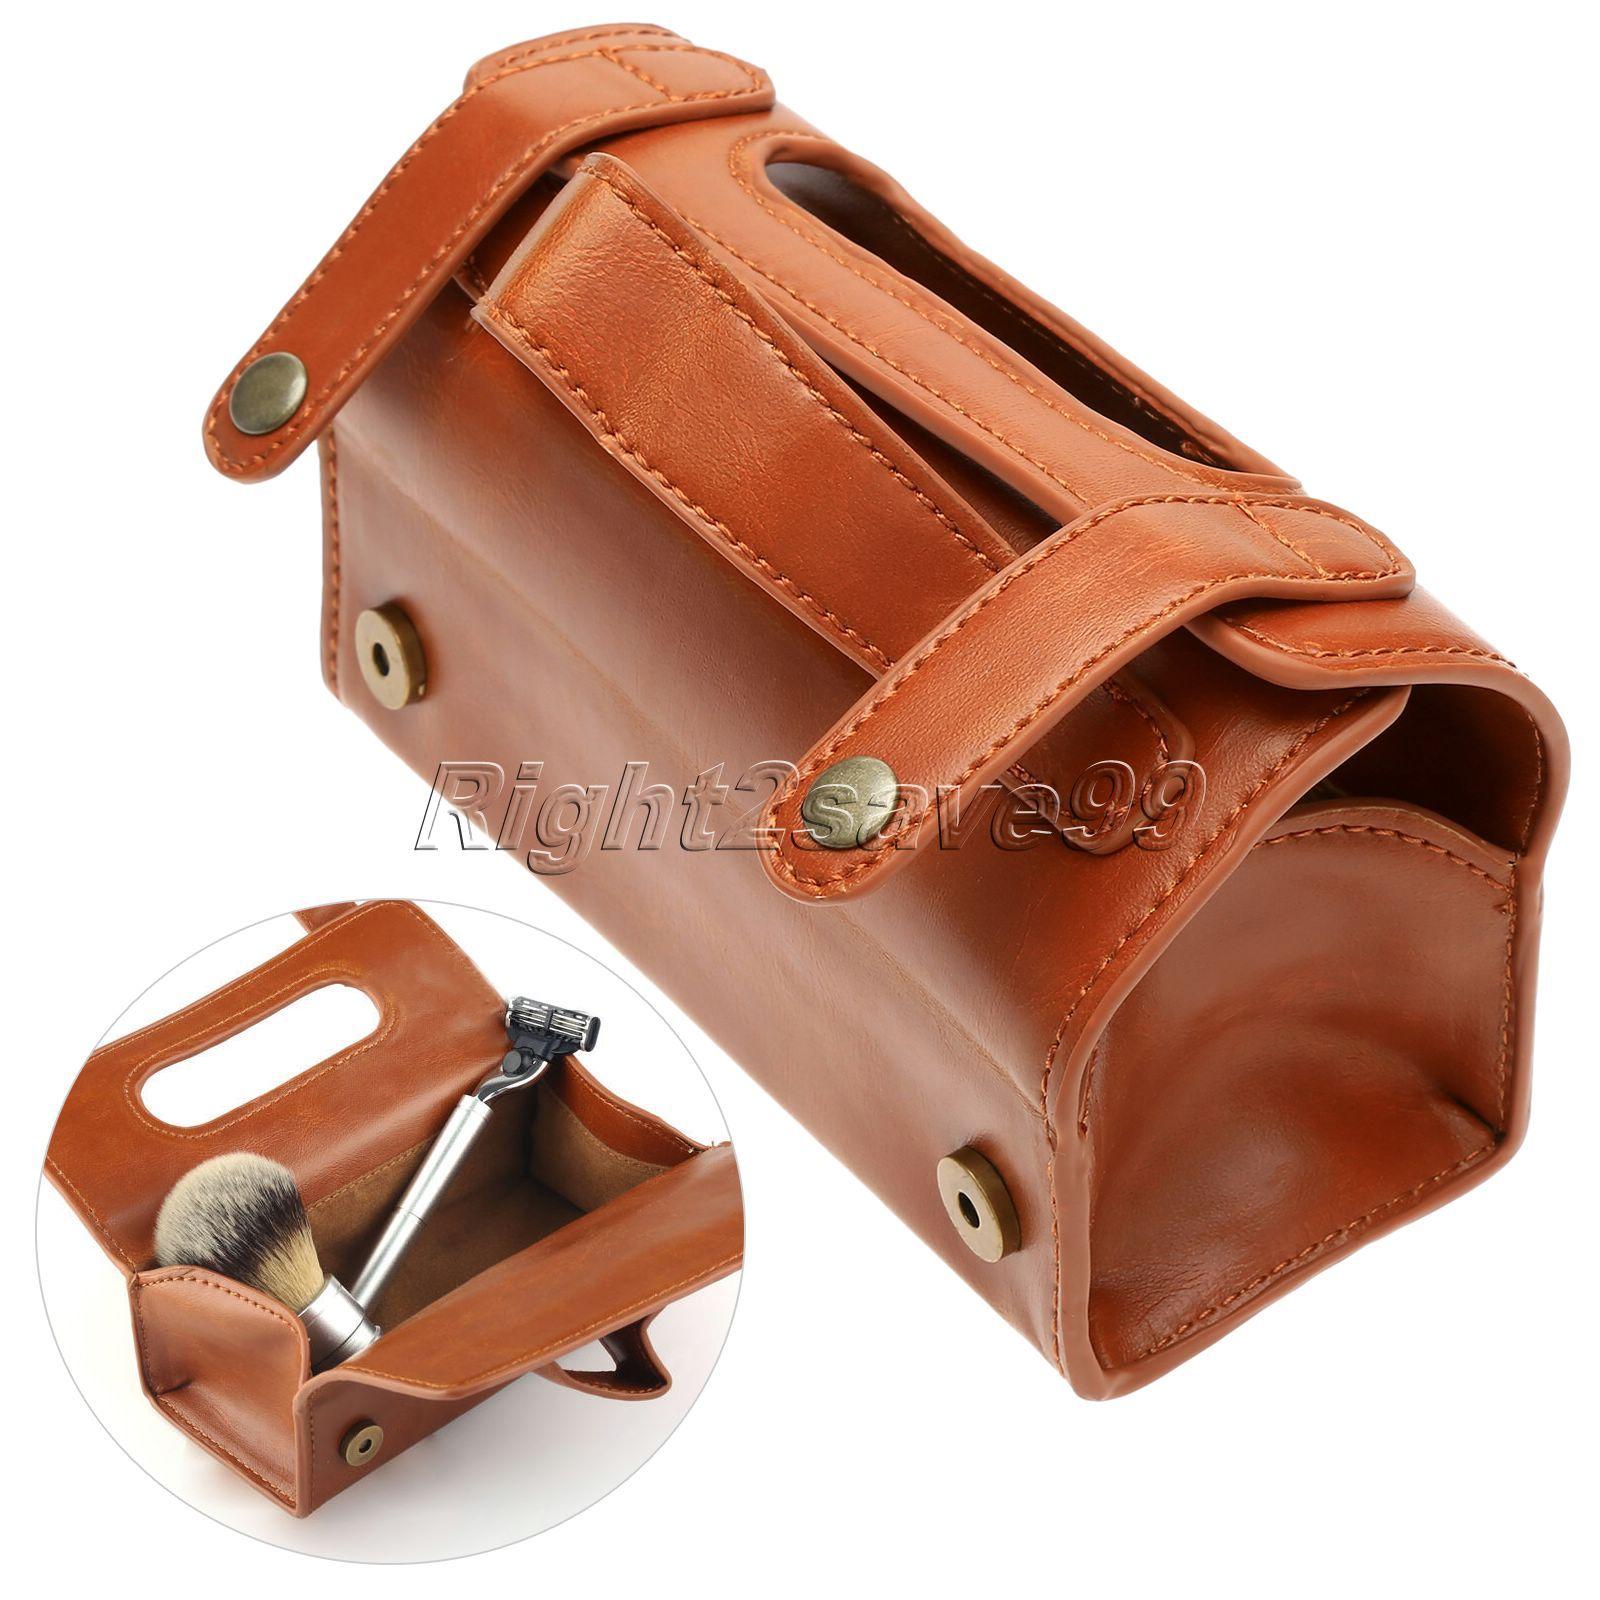 Hommes PU cuir voyage trousse de toilette rasage étui de lavage organisateur sac brun foncé pour protéger rasoir rasage cadeau conteneur